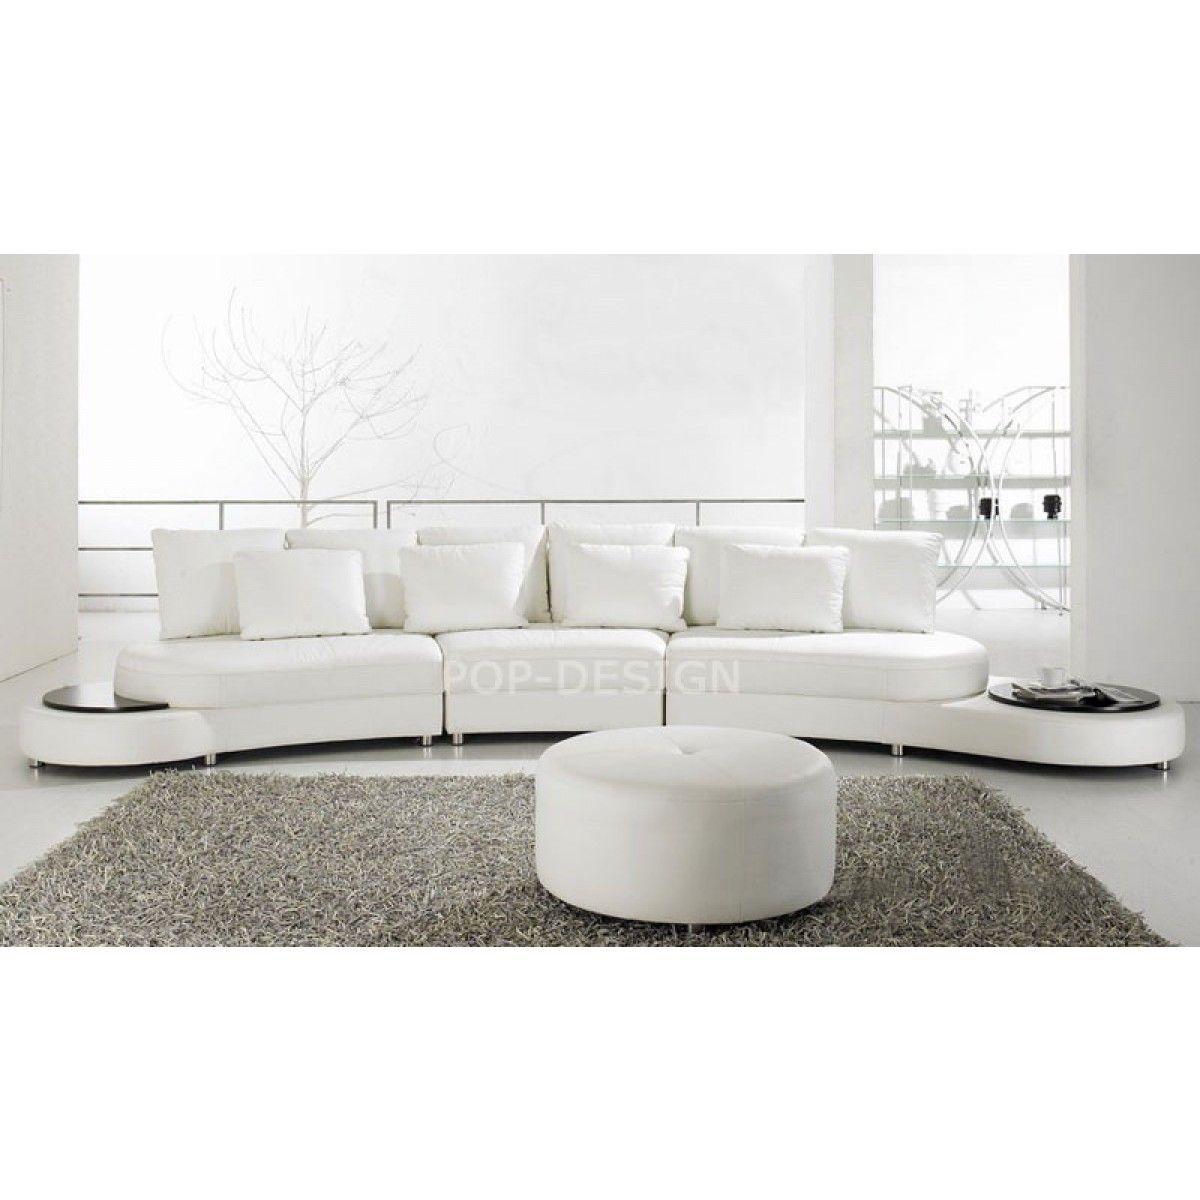 Canapé Design Demi Lune En Cuir Foggia | White Leather Sofas ... pour Canapé Rond Ou Demi Lune